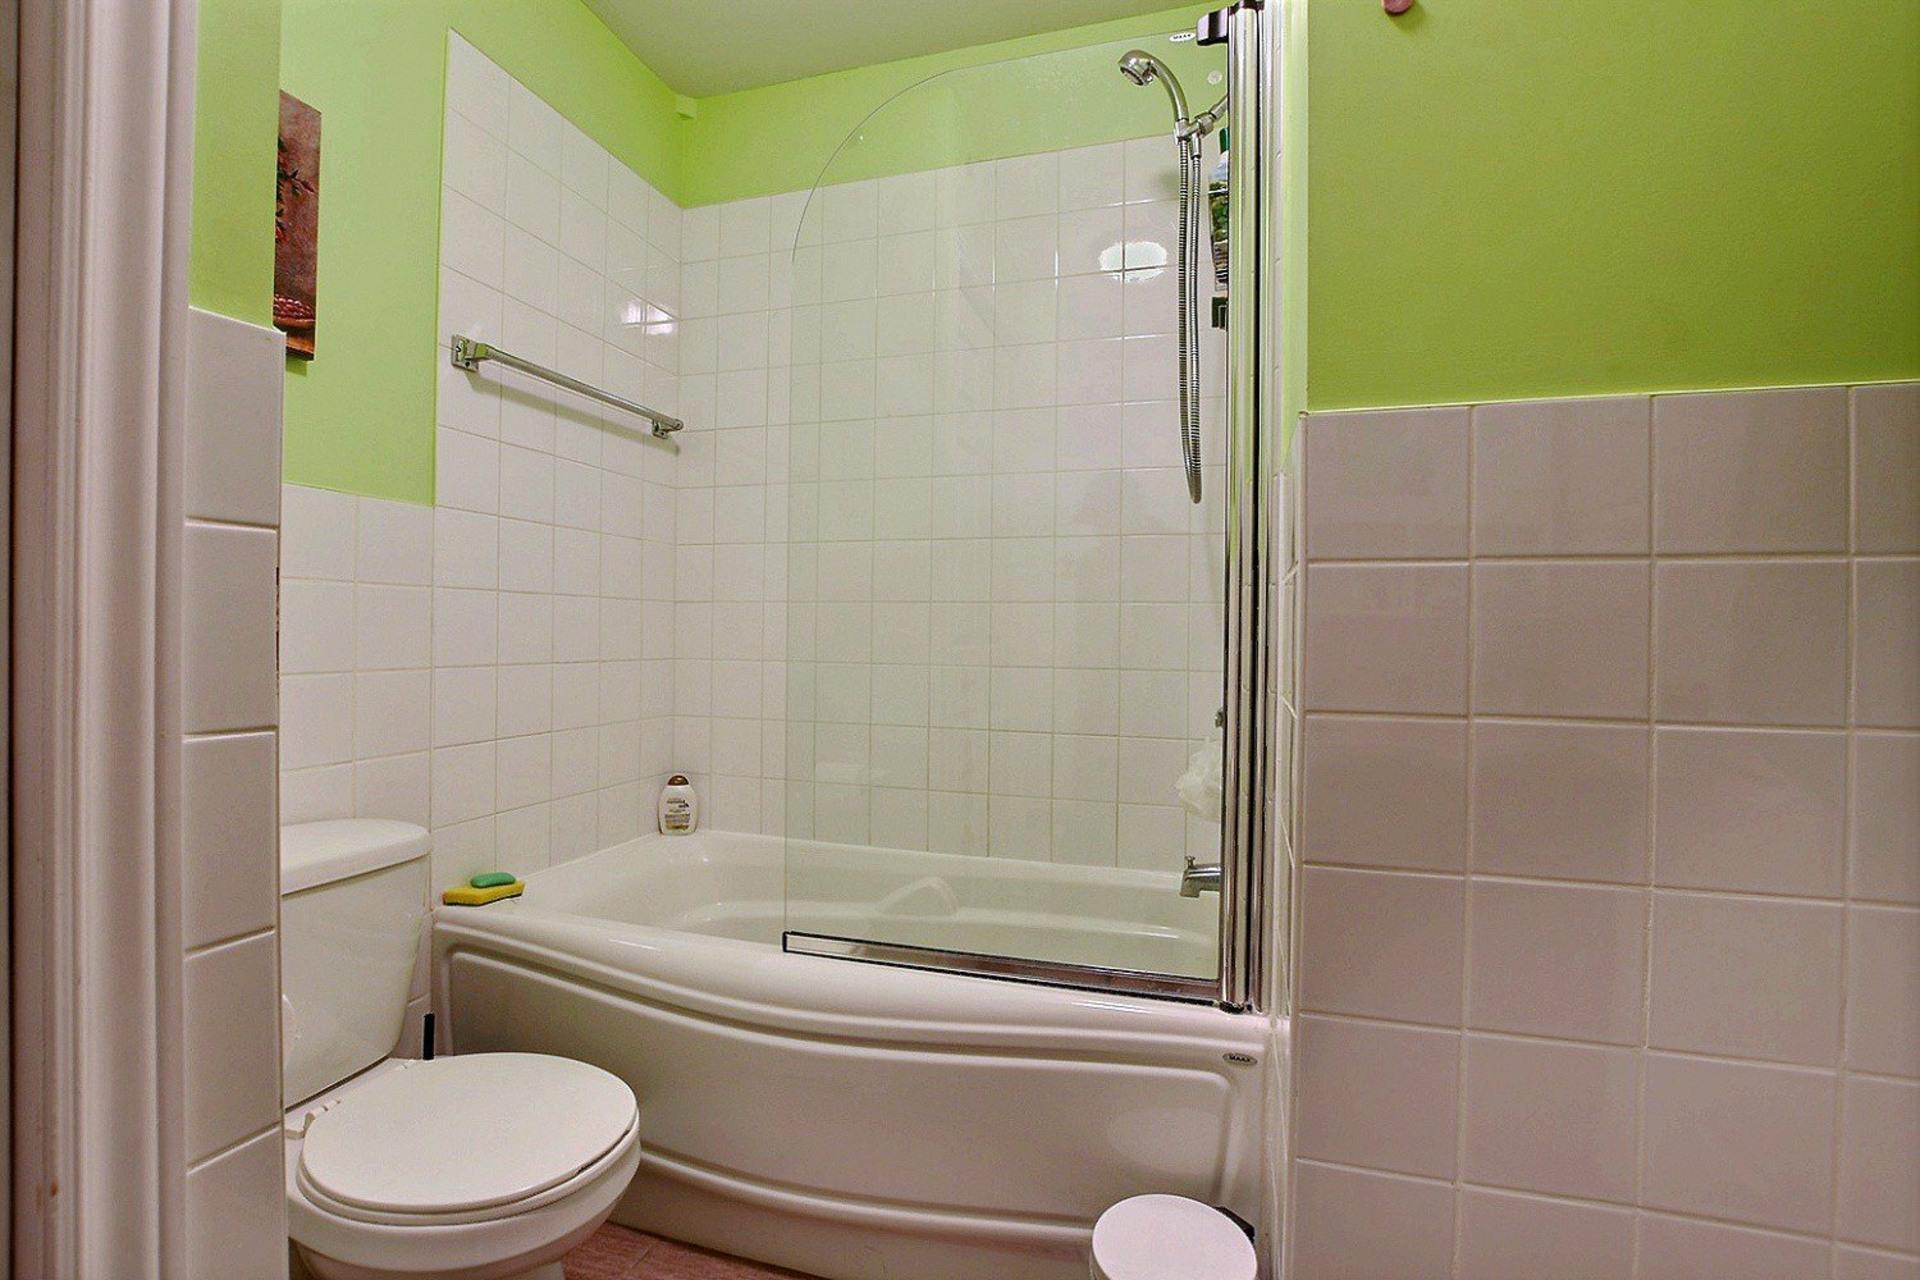 image 13 - Appartement À vendre Montréal Côte-des-Neiges/Notre-Dame-de-Grâce  - 4 pièces